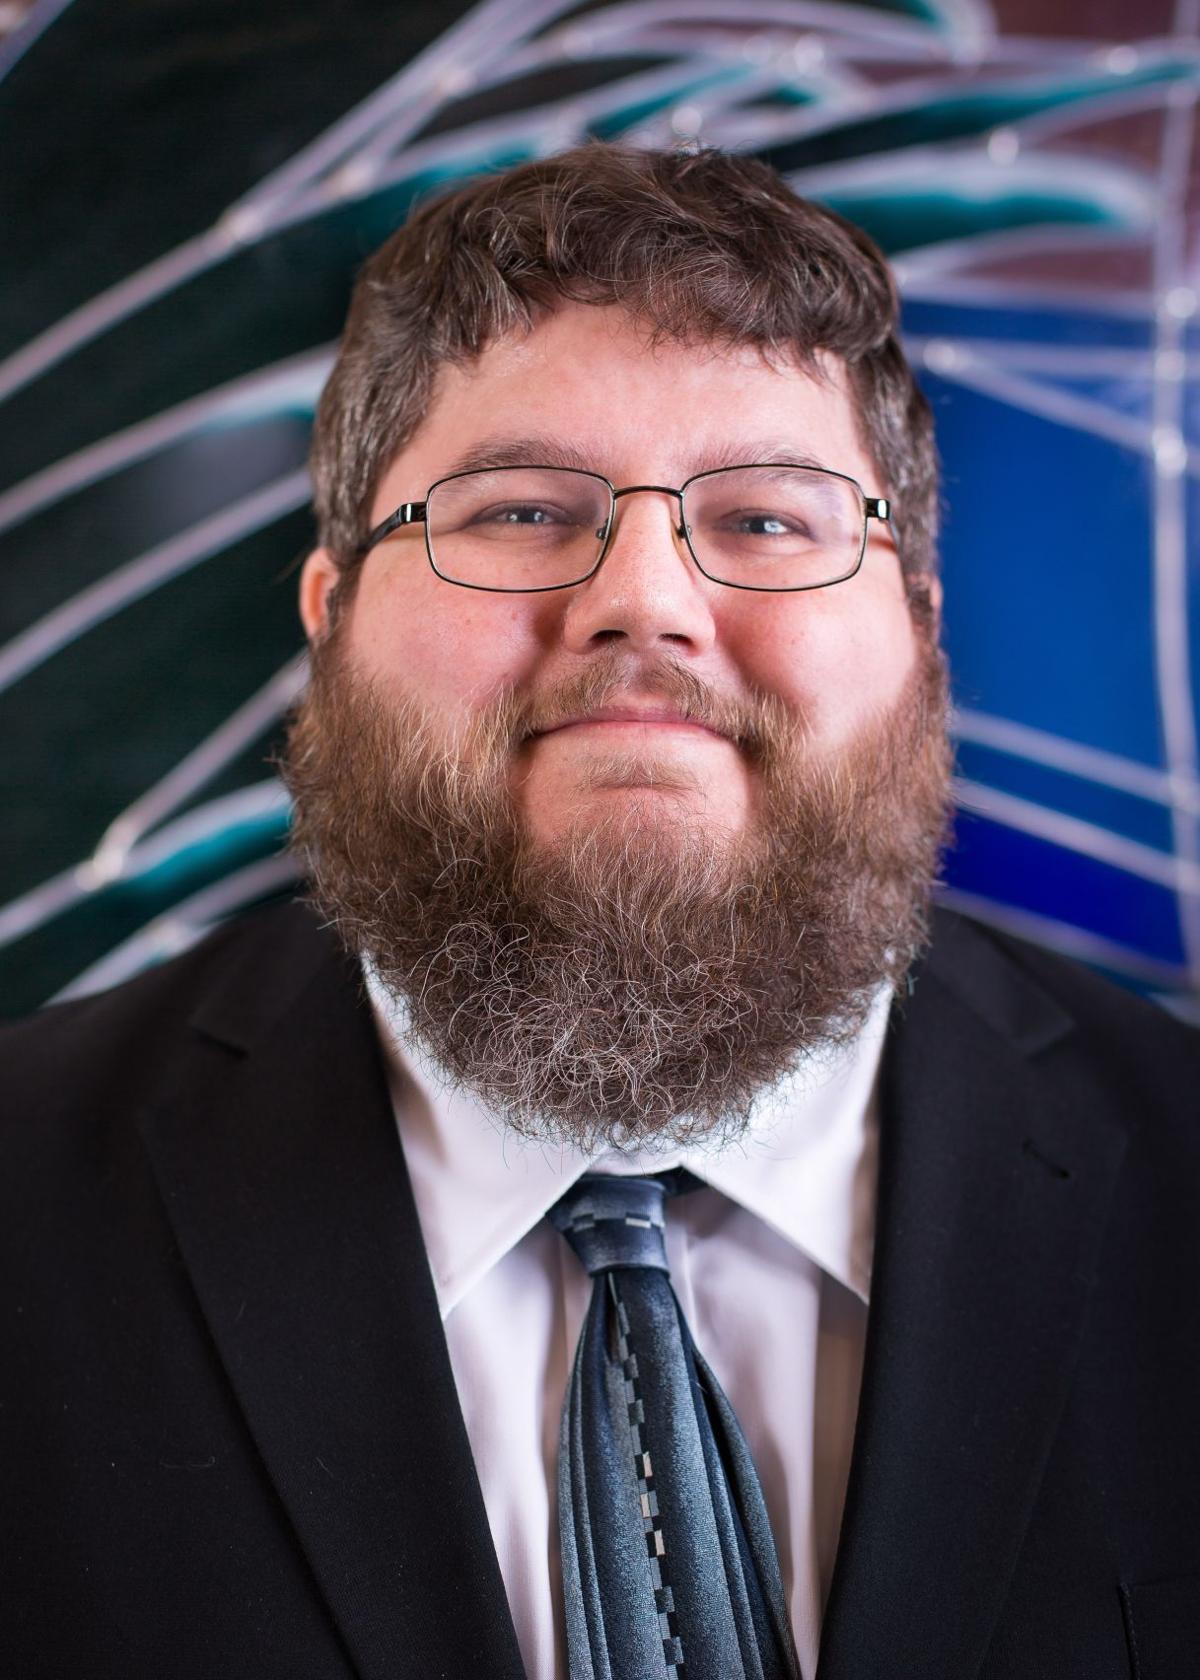 Rabbi Aberson